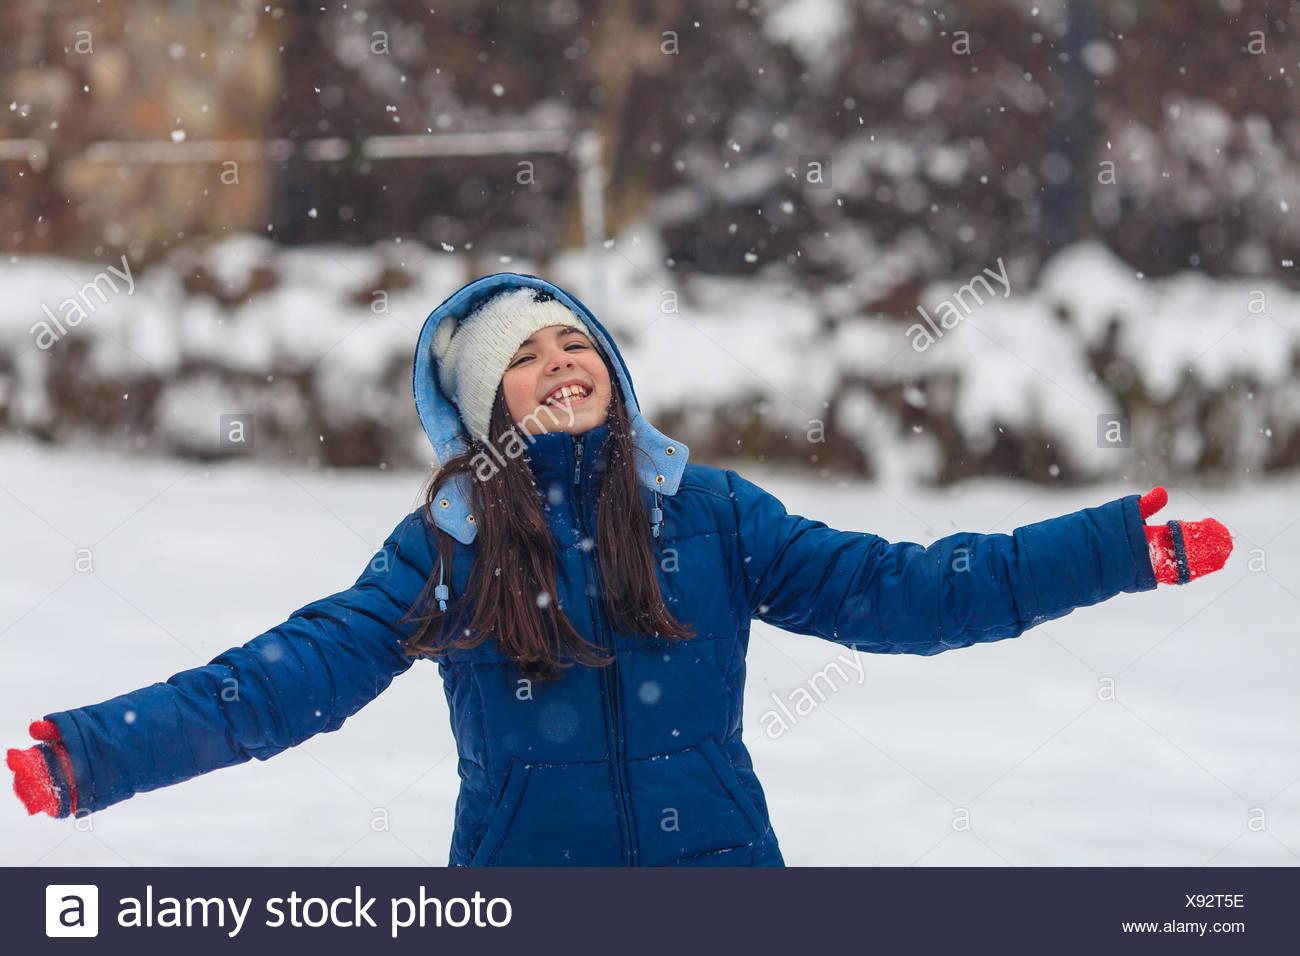 Chica con los brazos estirados jugando en la nieve Foto de stock